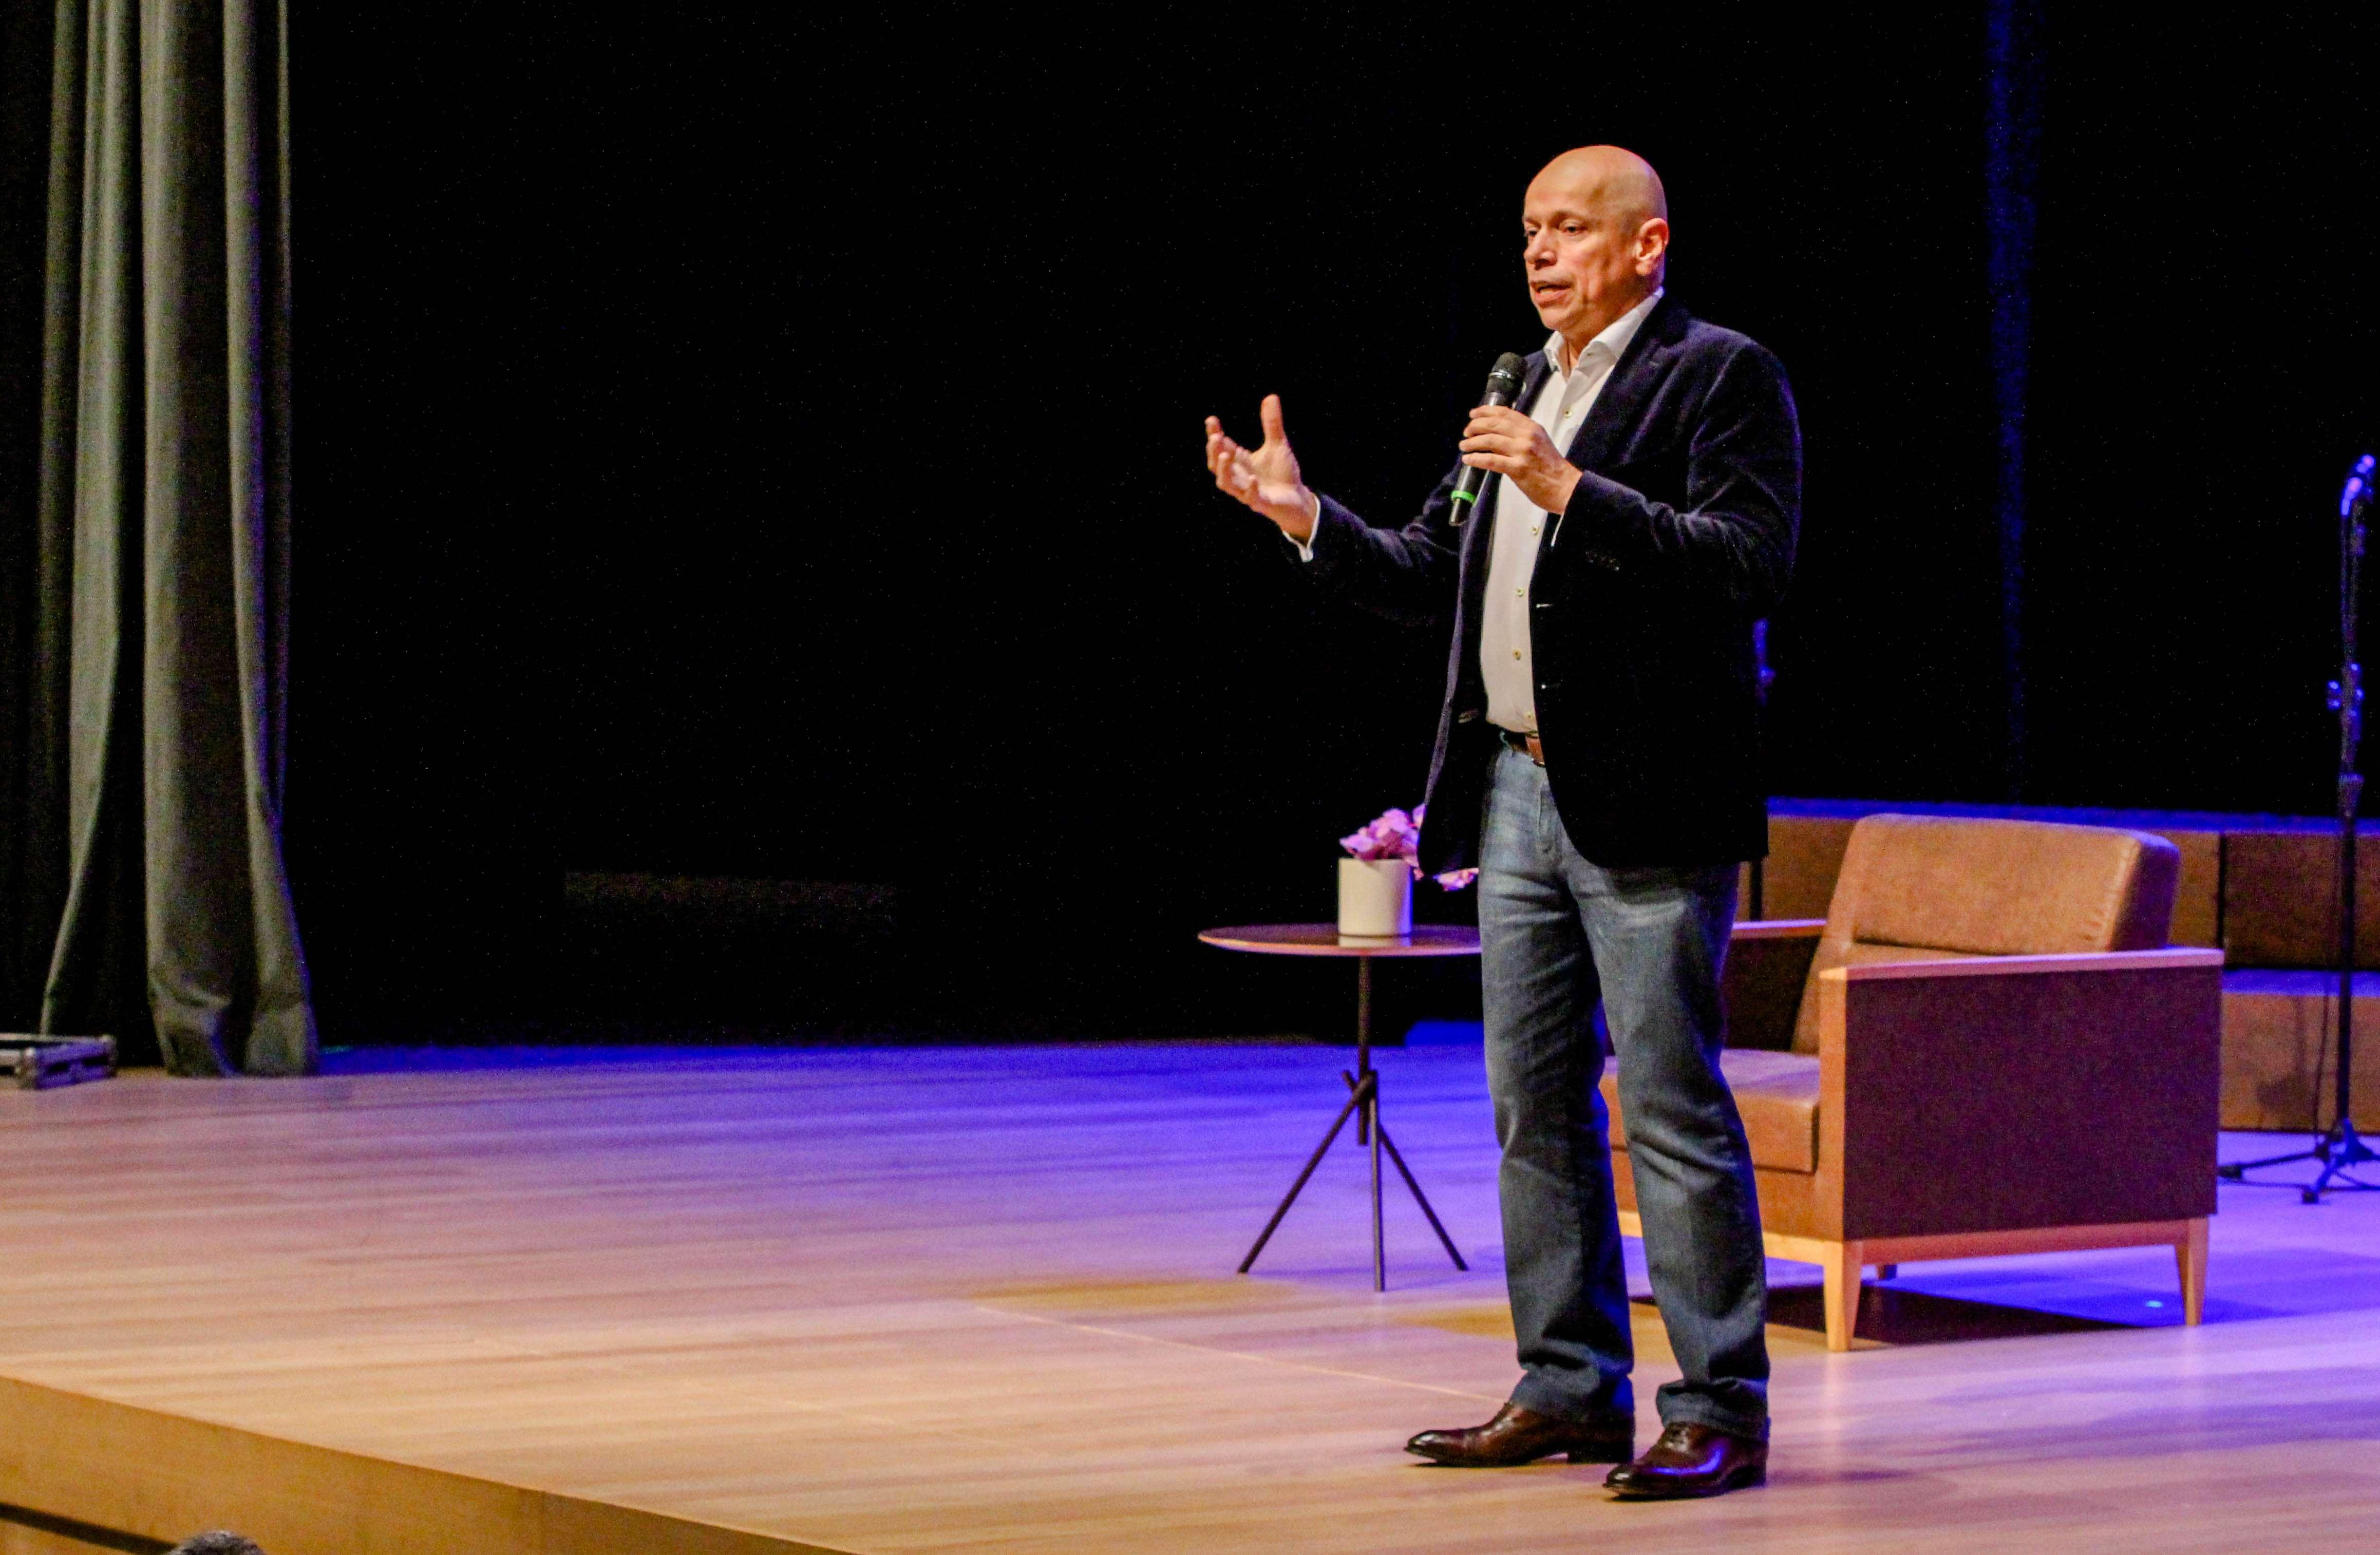 Teatro Moise Safra novo espaço cultural de SPaulo